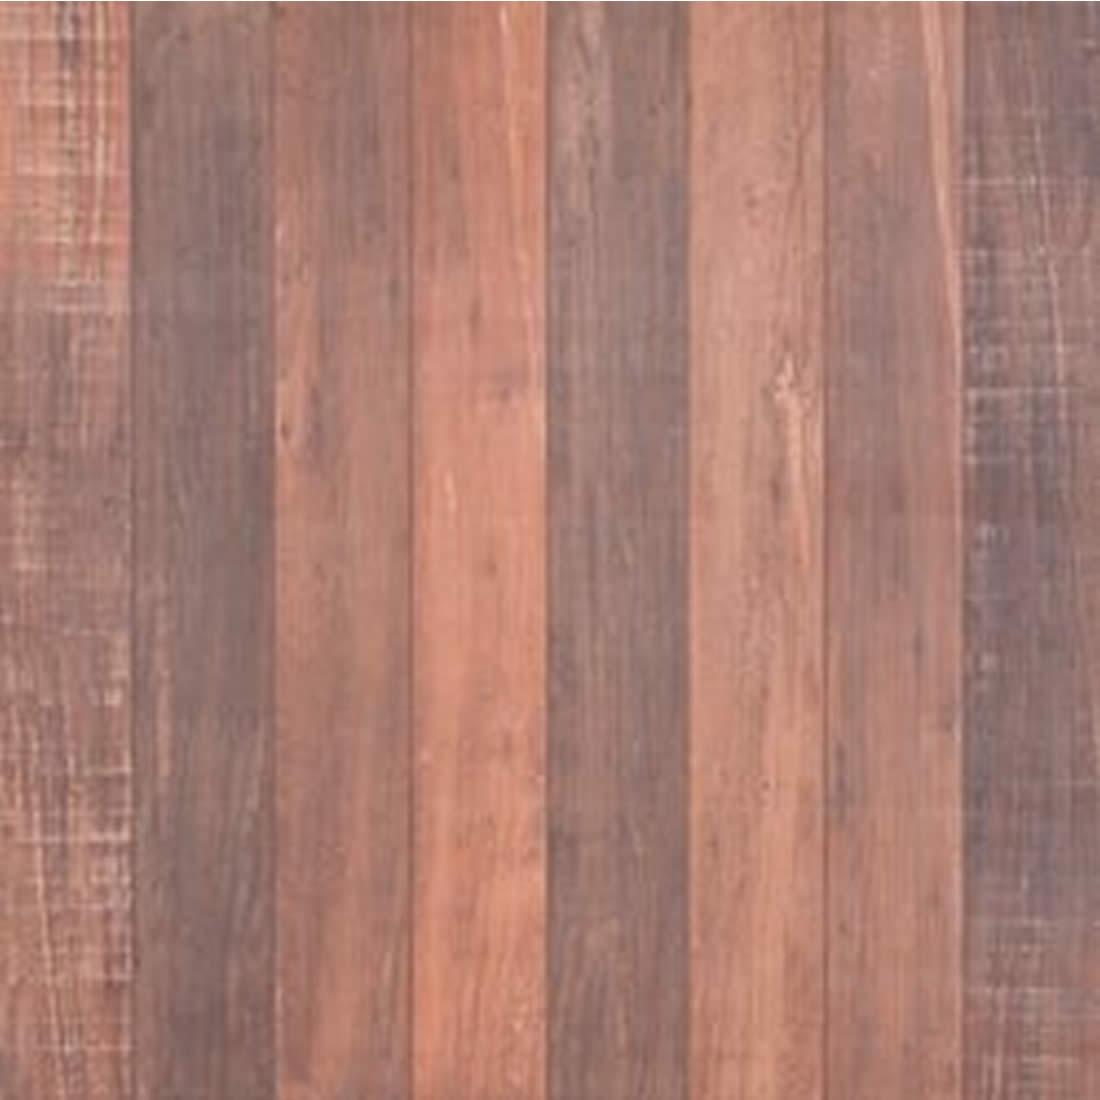 Porcelanato Portobello 90 x 90 Super Deck Ibirapuera Mix Externo Ref 23086